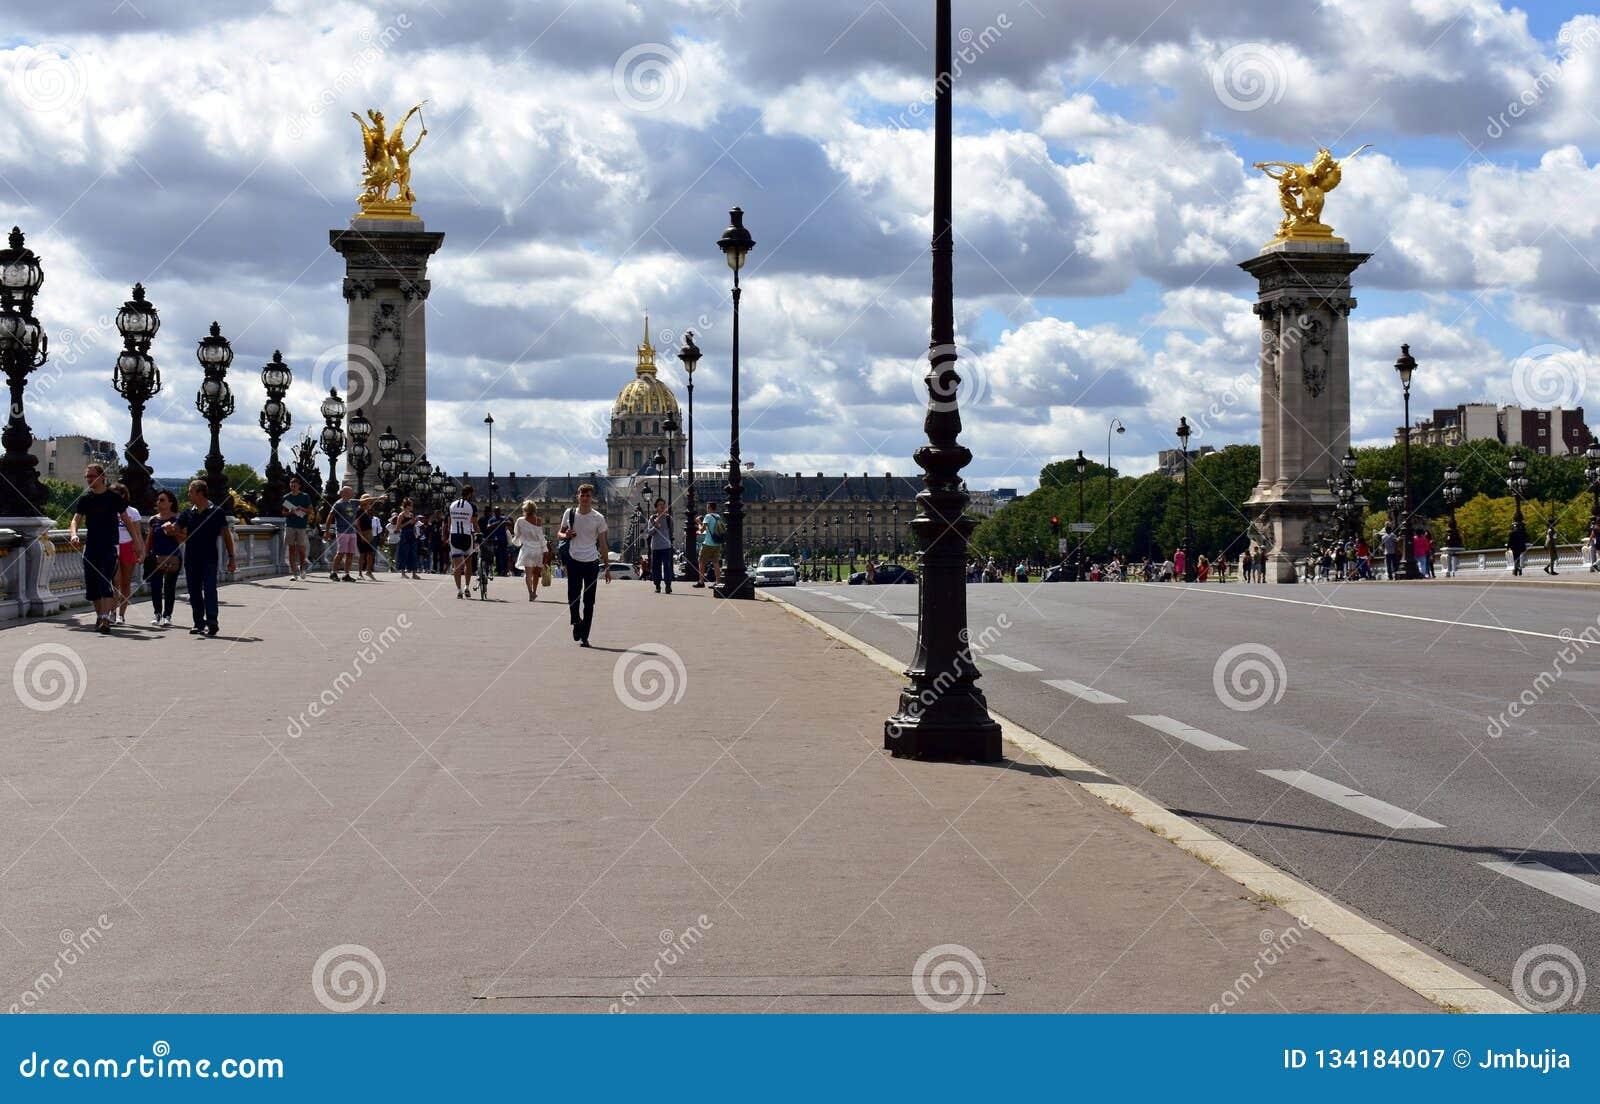 Parijs, Frankrijk Alexandre III Brug en Invalides met toeristen Kolommen, standbeelden en straatlantaarns, regenachtige dag